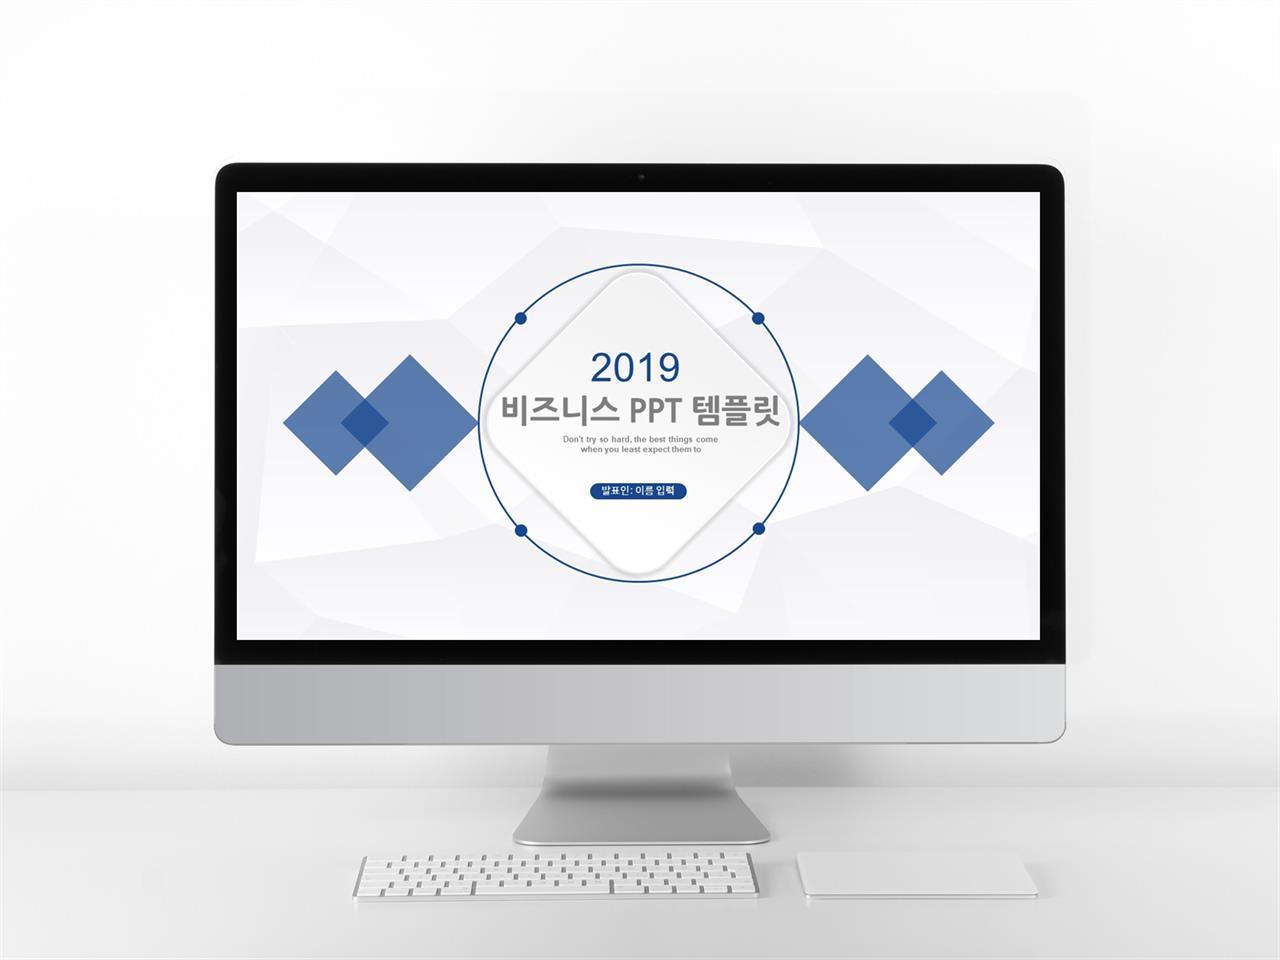 사업융자 블루 심플한 고퀄리티 POWERPOINT서식 제작 미리보기